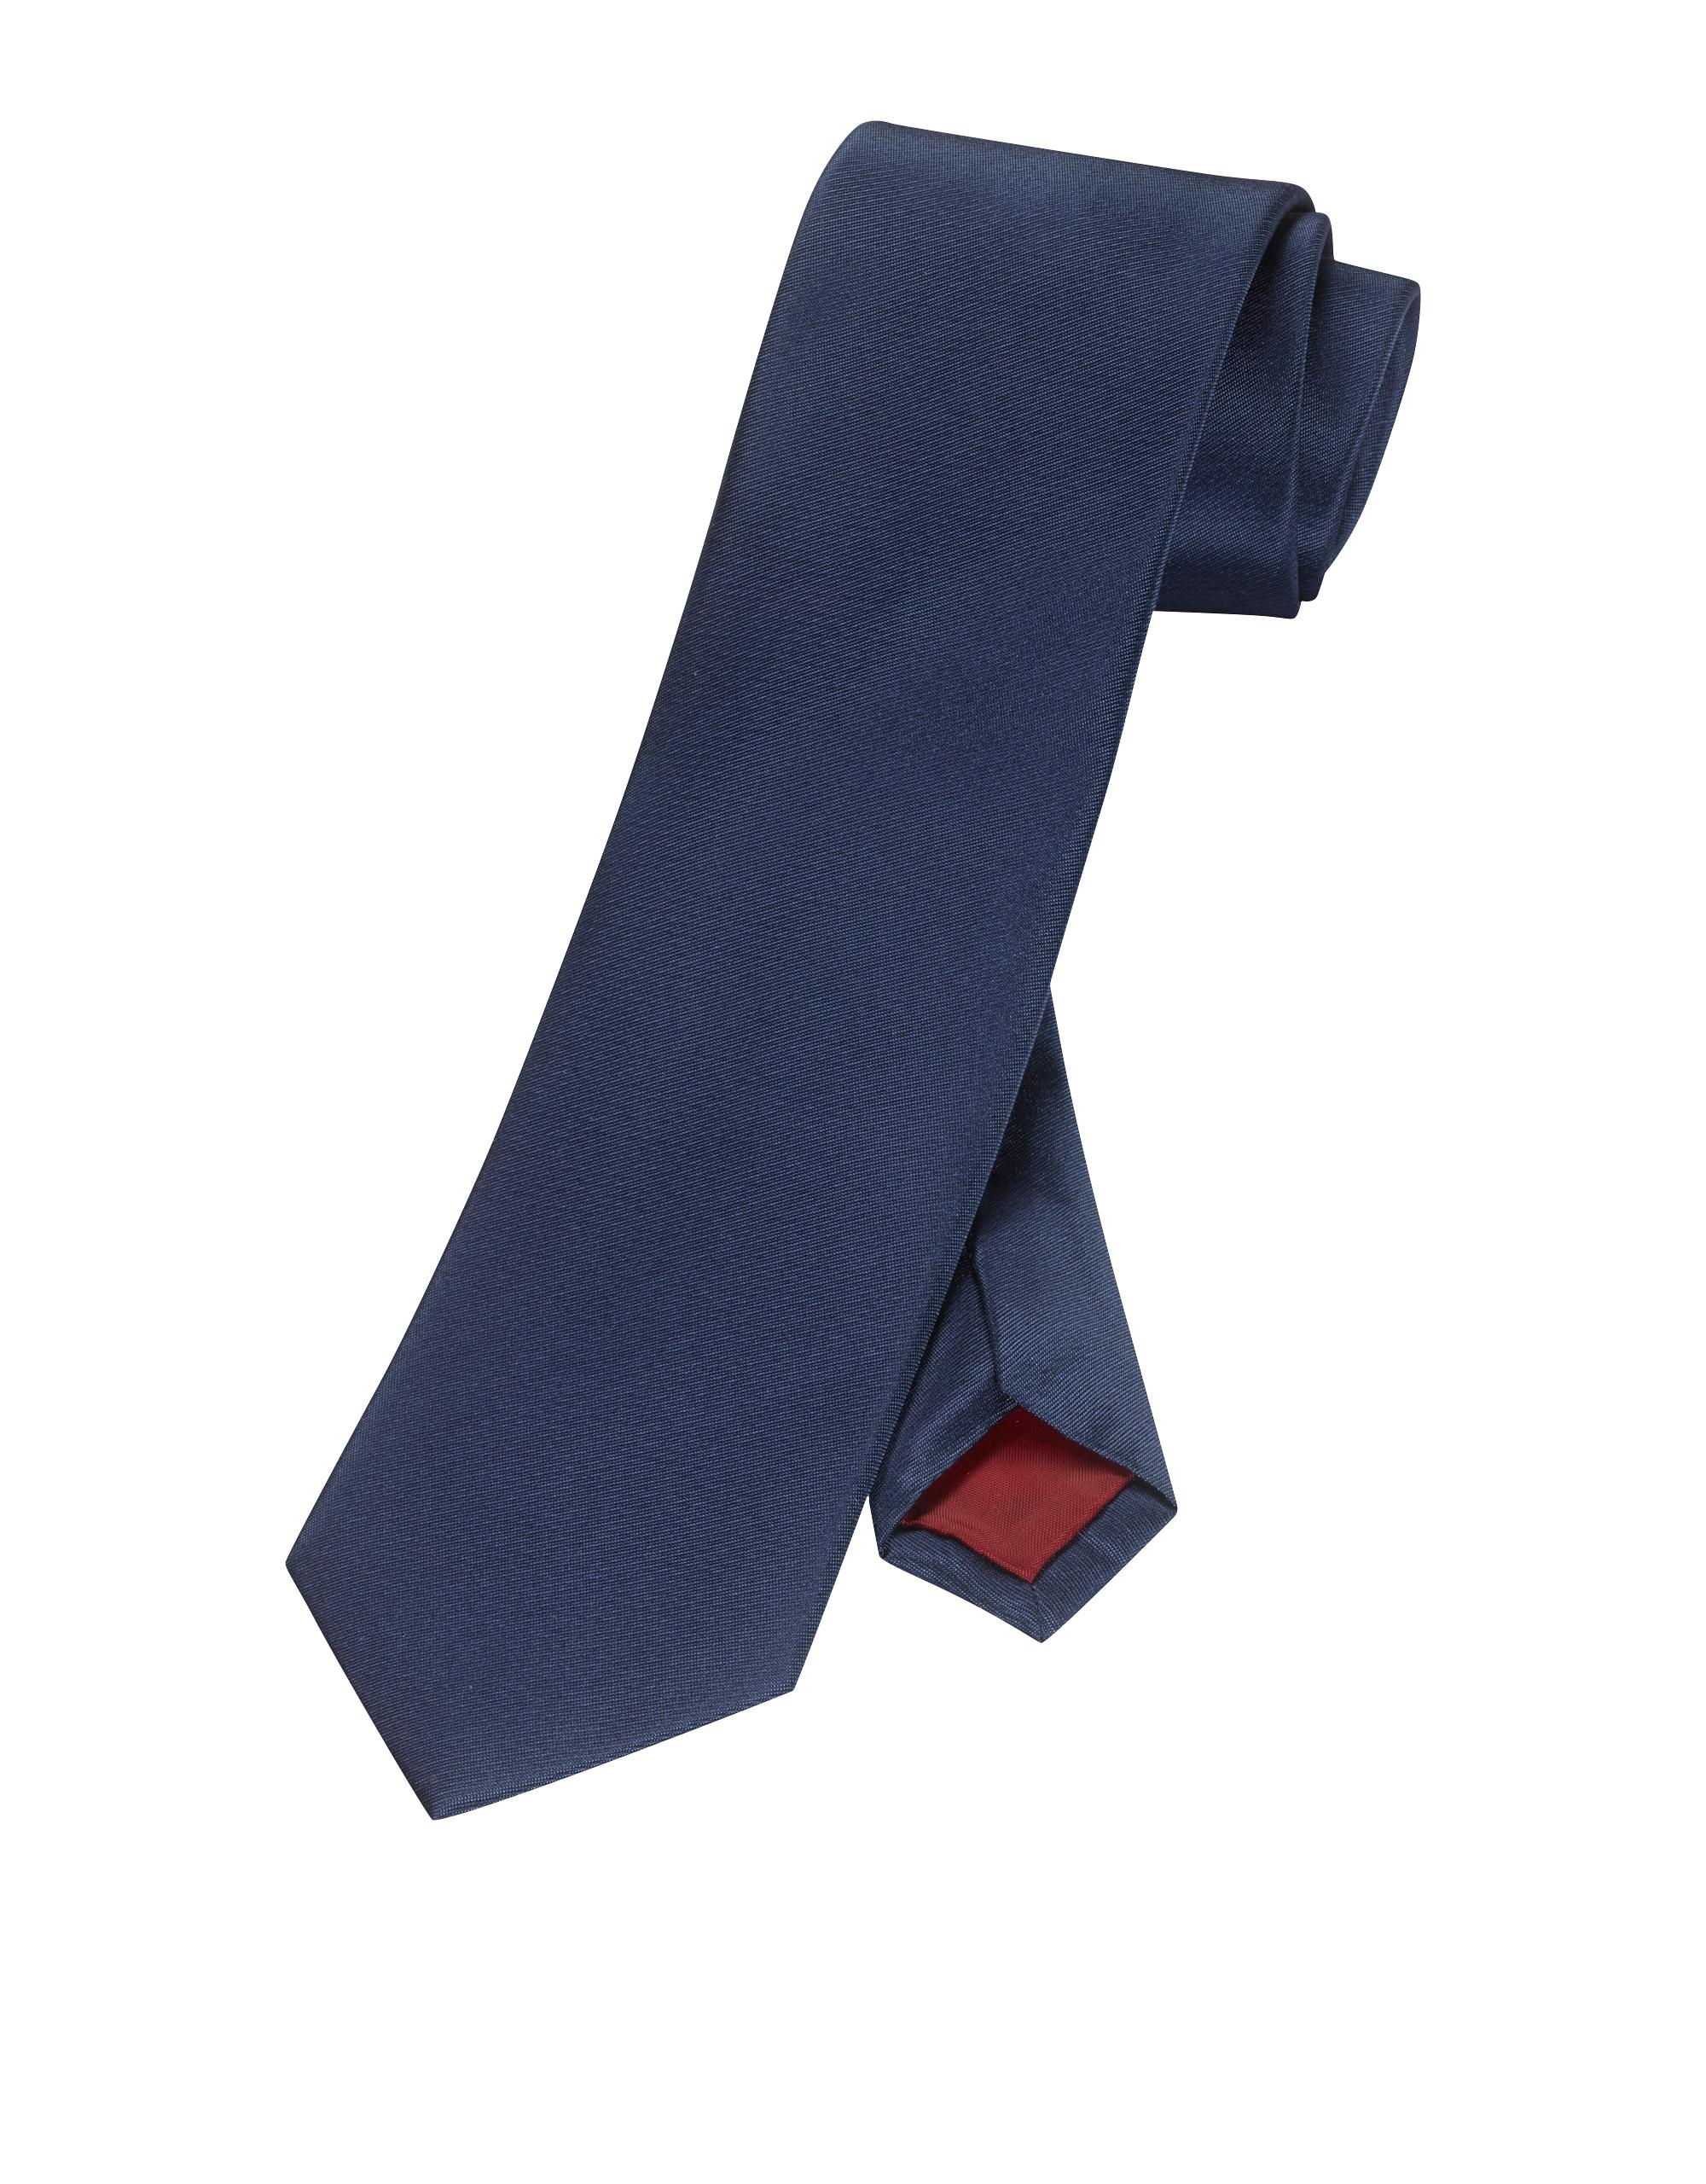 OLYMP  Krawatte, Kobalt, | Accessoires > Krawatten | OLYMP